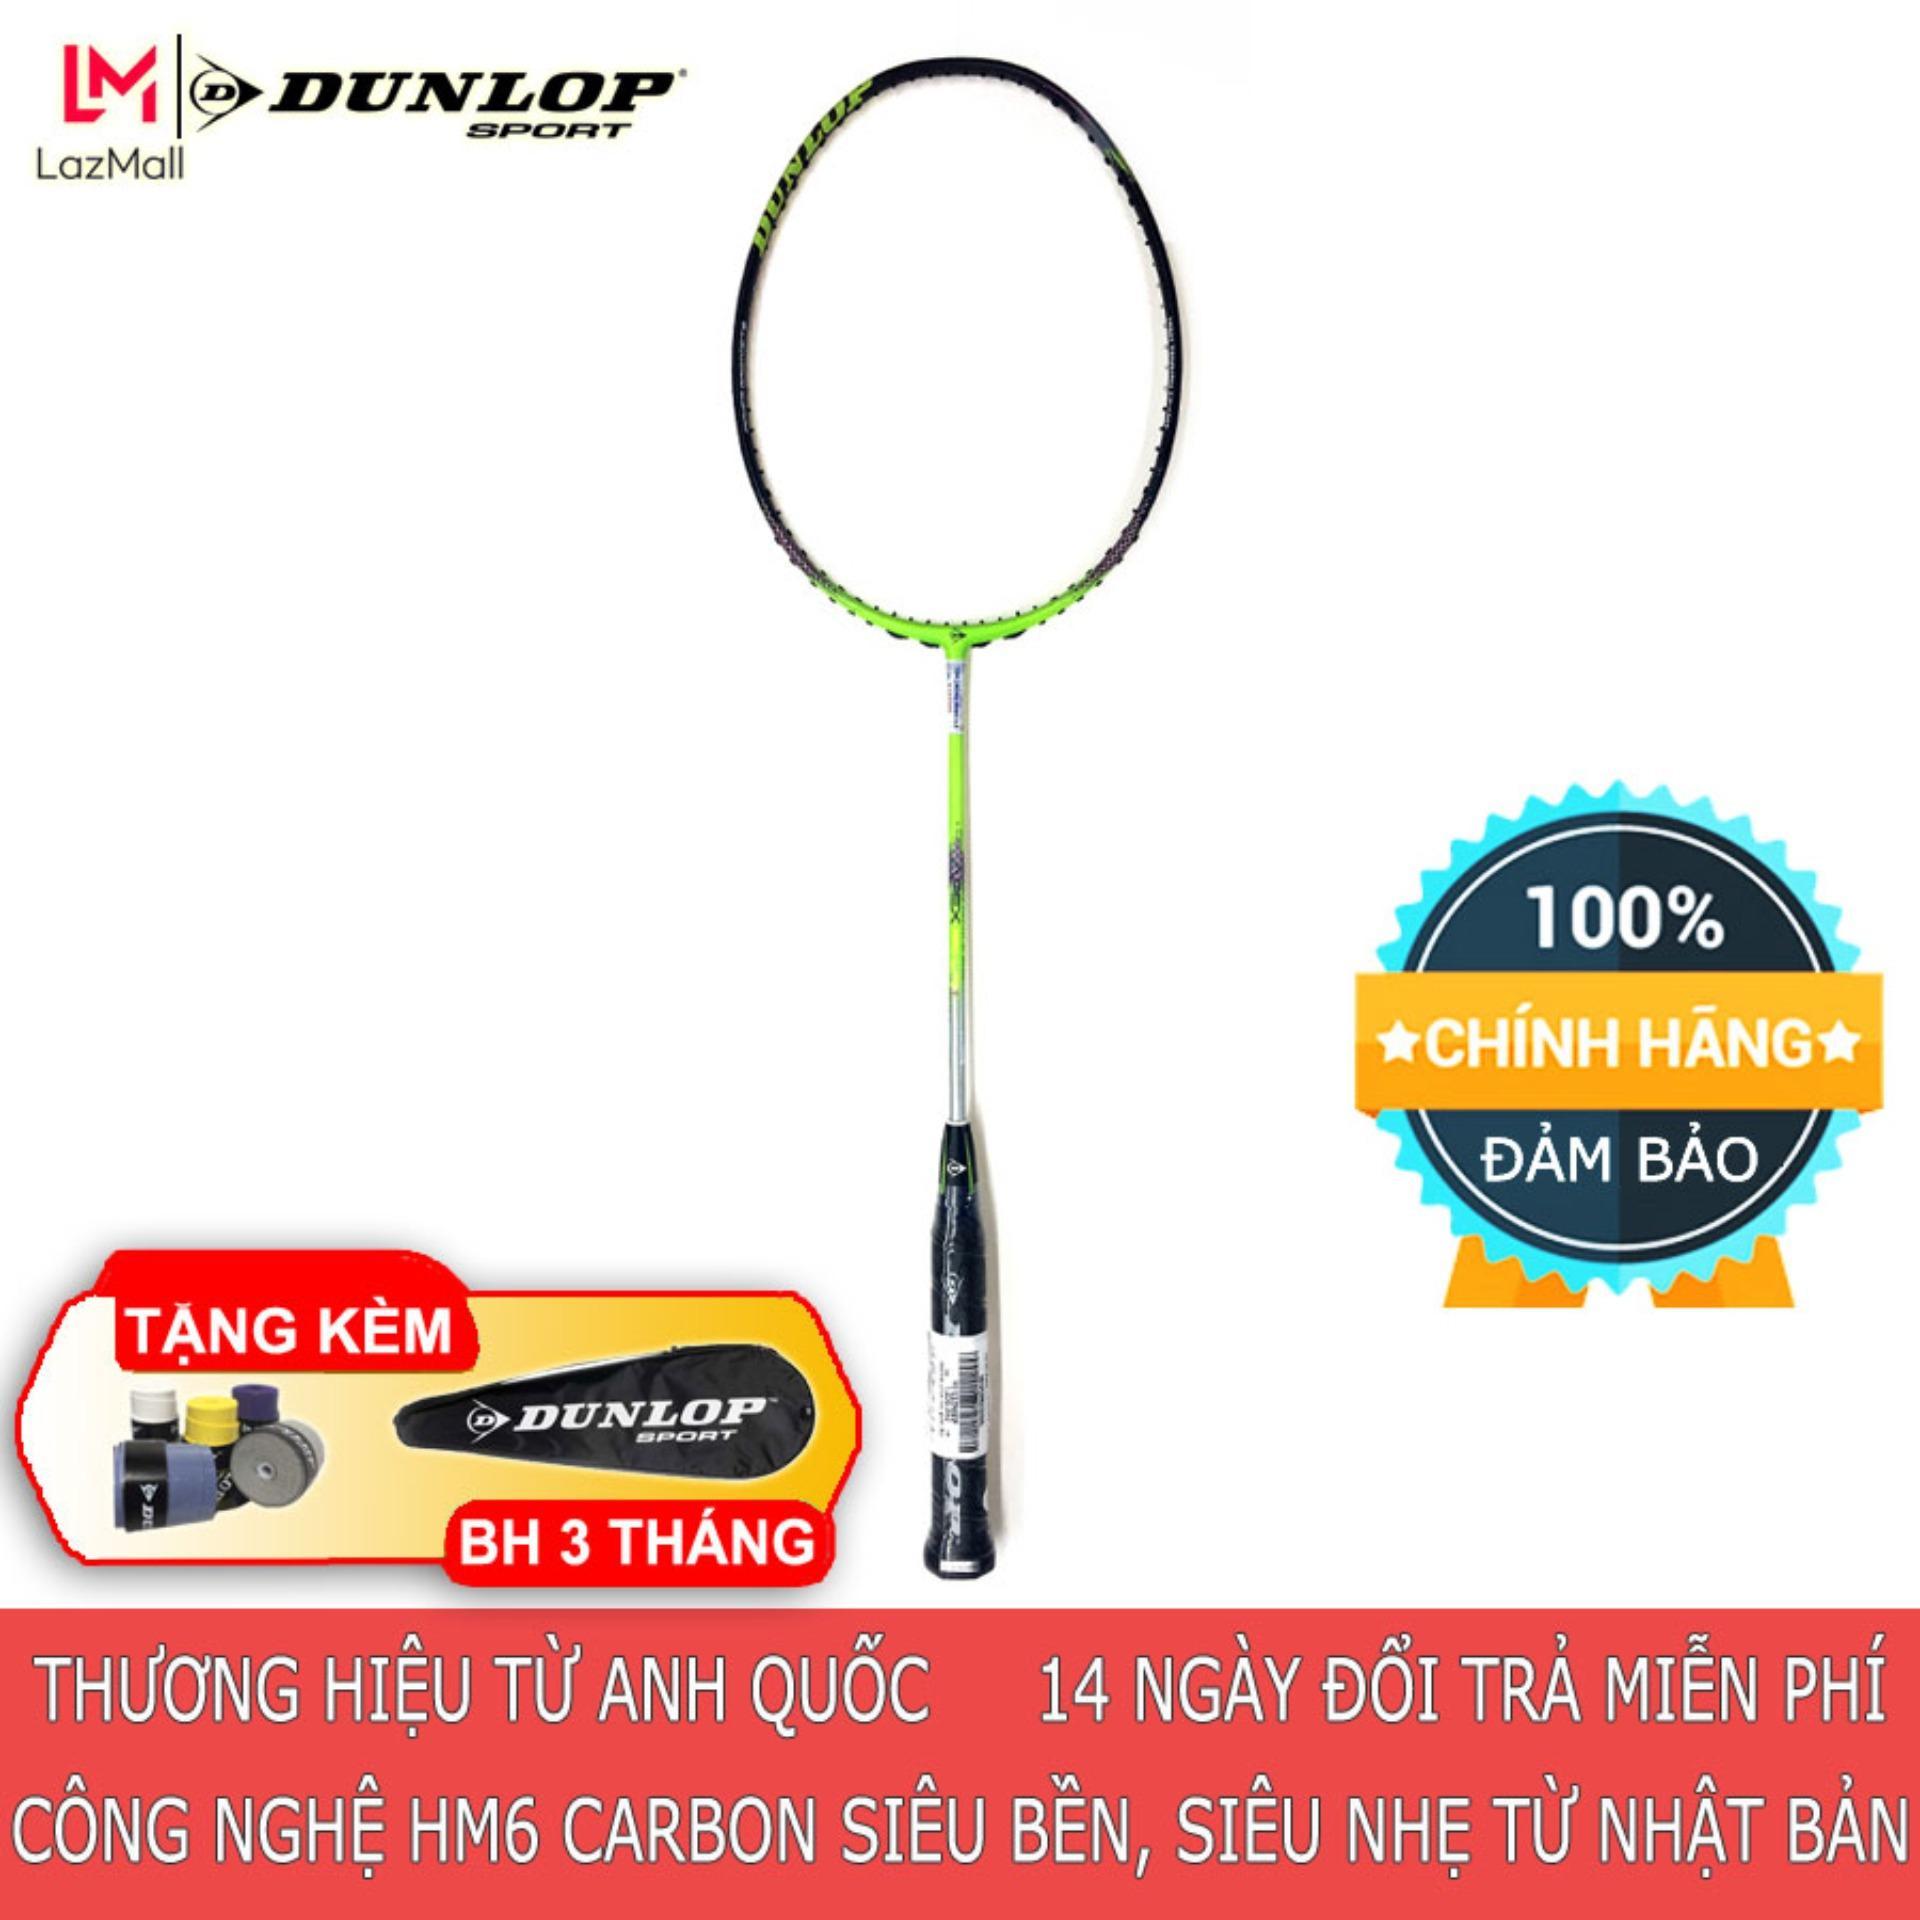 Bảng giá DUNLOP - Vợt cầu lông Dunlop APEX PRO LITE+ Thương hiệu từ Anh Quốc Đổi trả miễn phí (vợt, dụng cụ, cầu lông, badminton, vợt cầu lông rẻ)